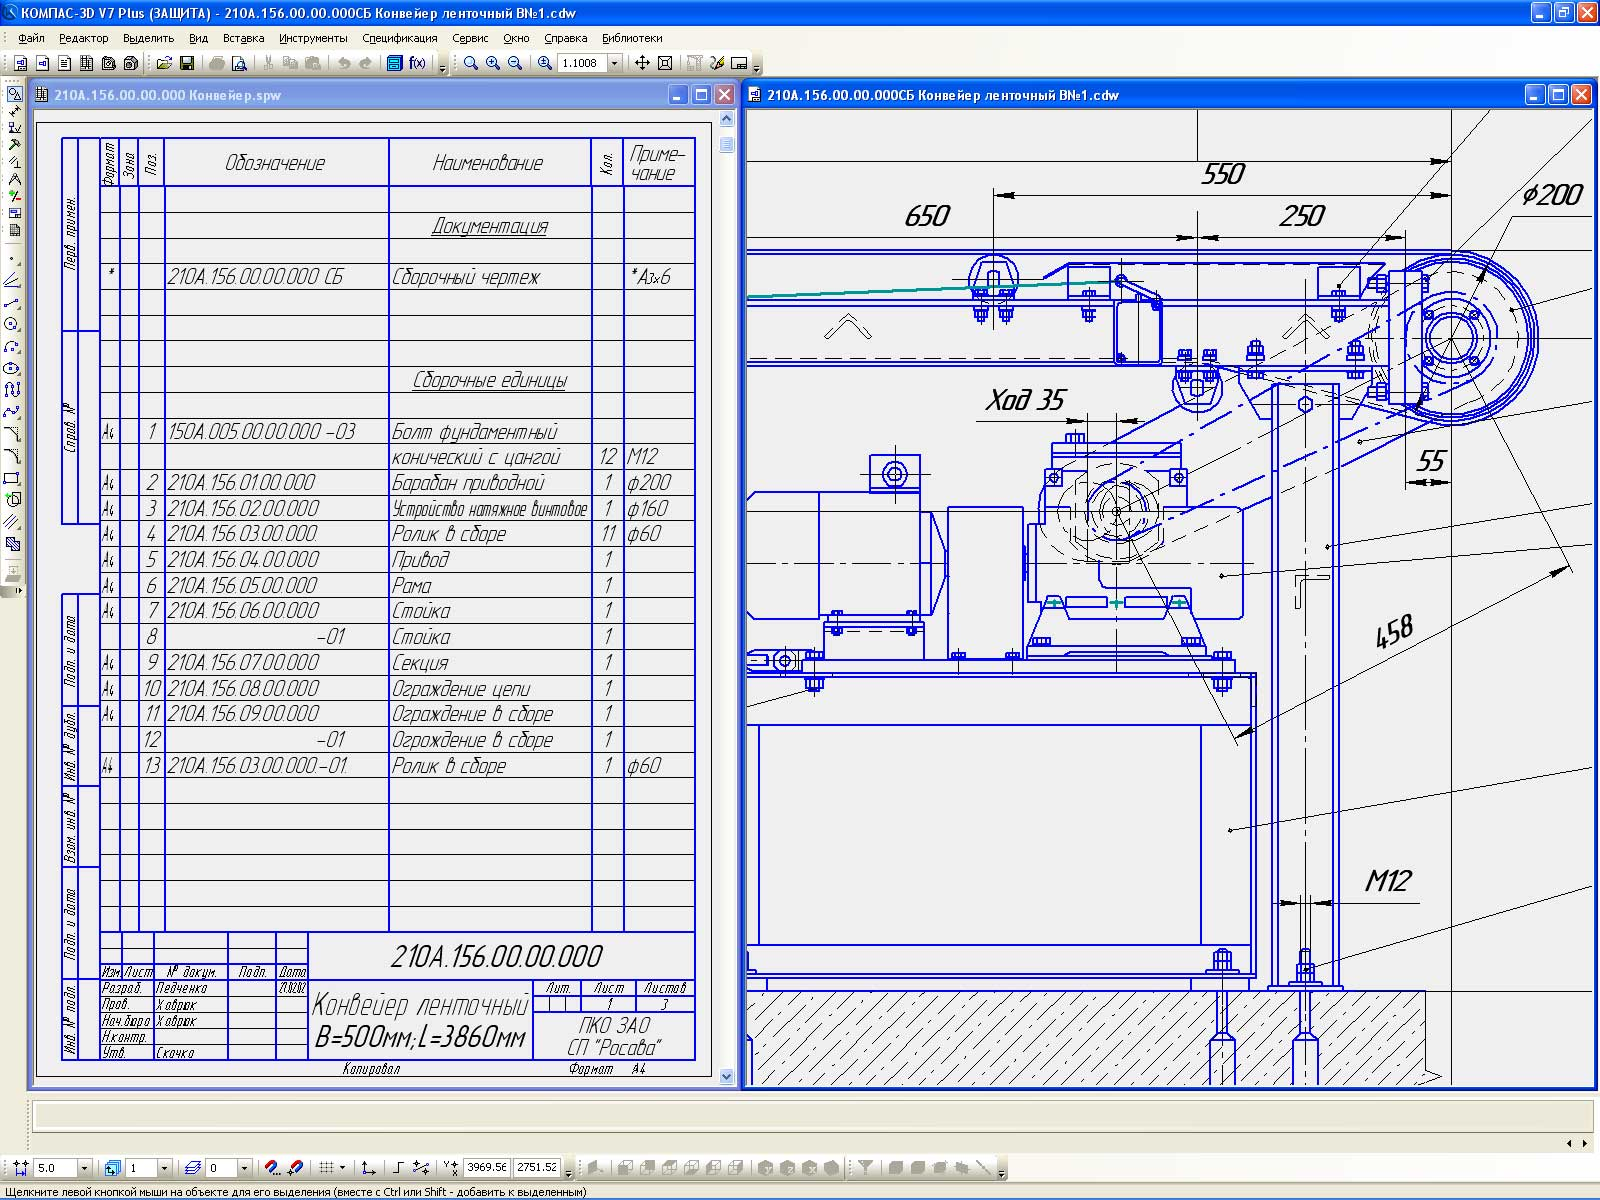 Должностная инструкция инженера по теплогазоснабжению